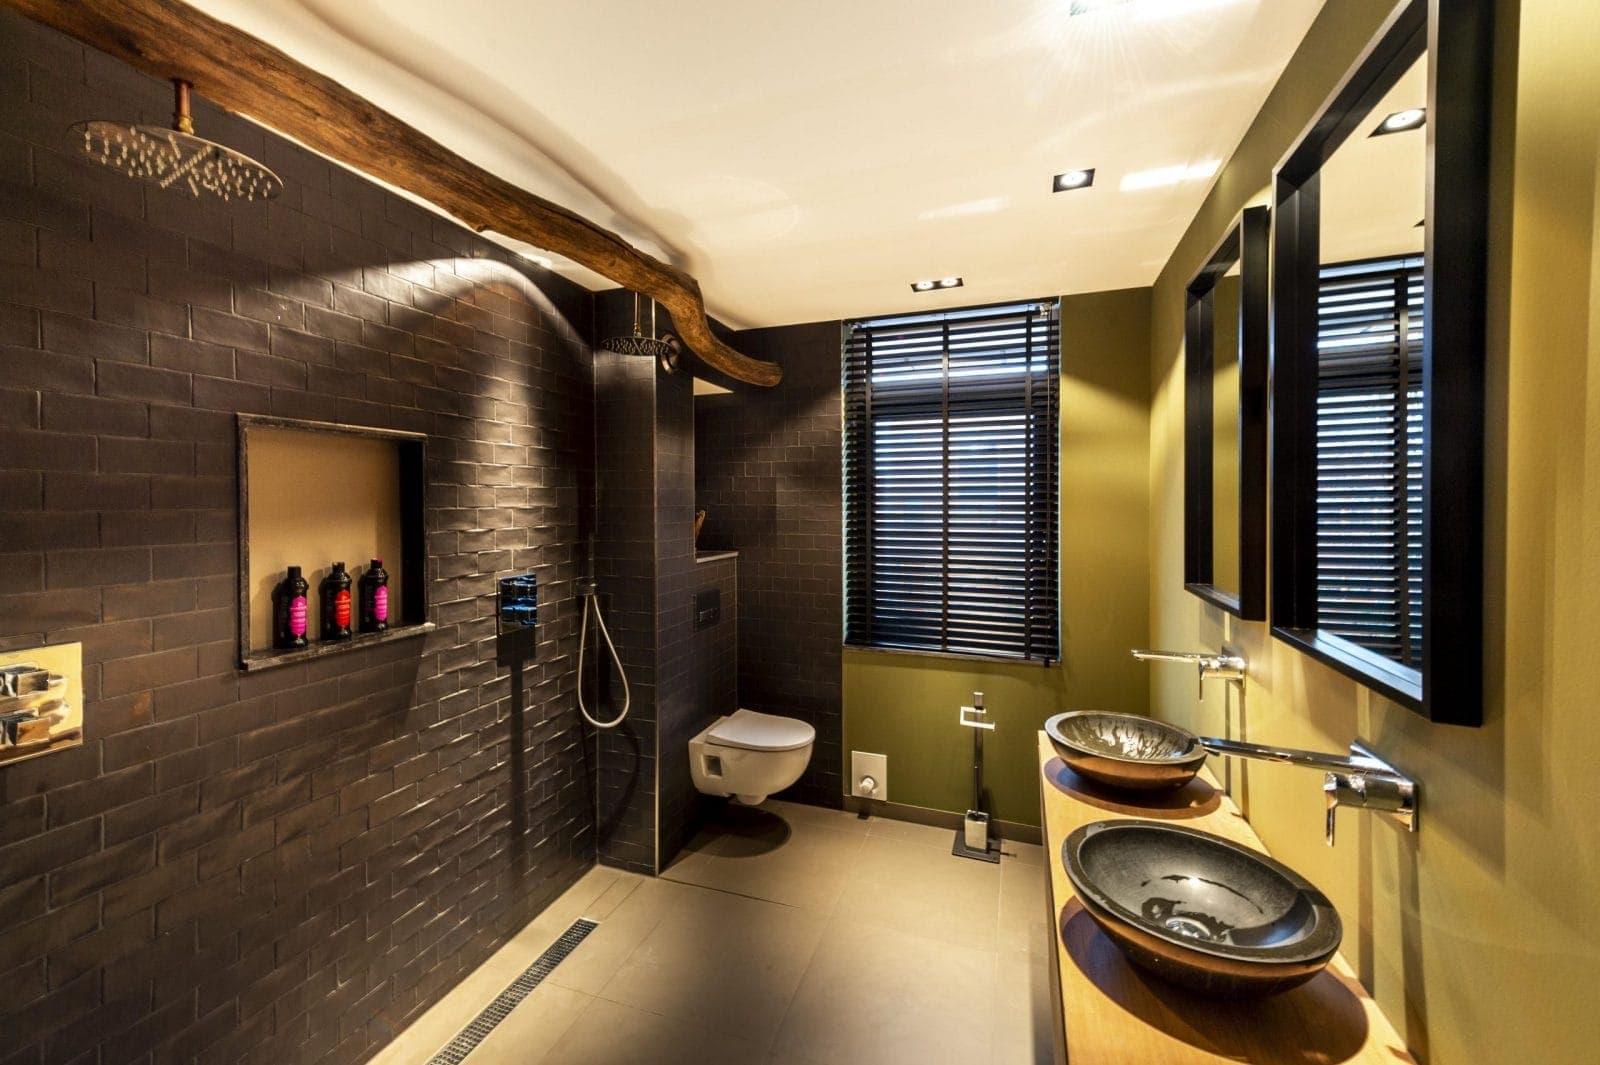 Badkamer op maat laten maken in Rhoon